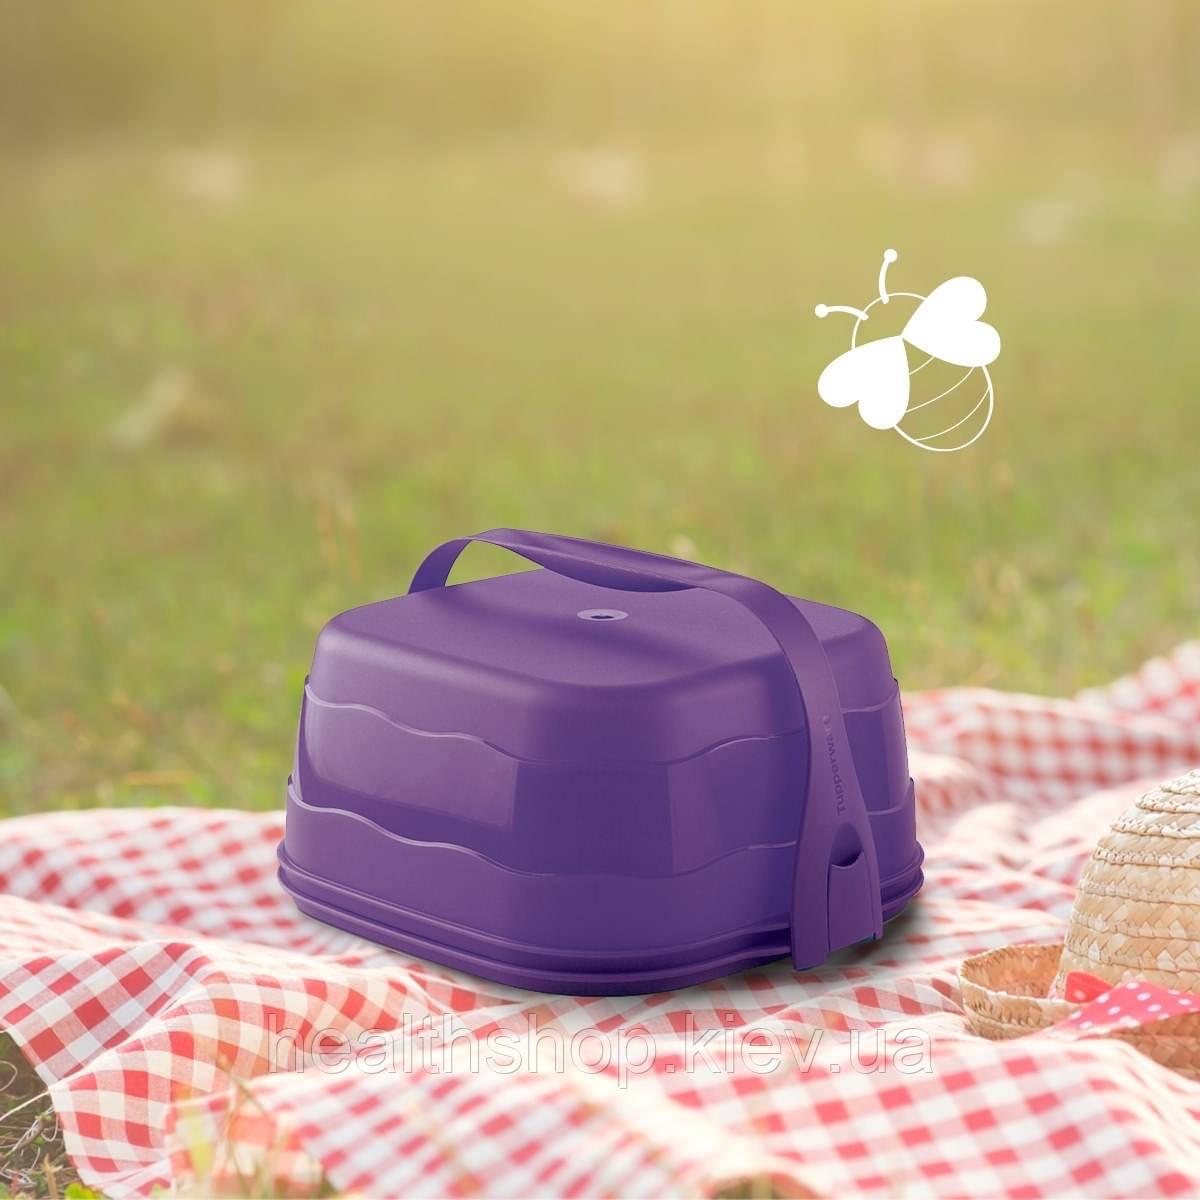 Кондитер «Чарівність» квадратний фіолетовий Tupperware (Оригінал) Тапервер